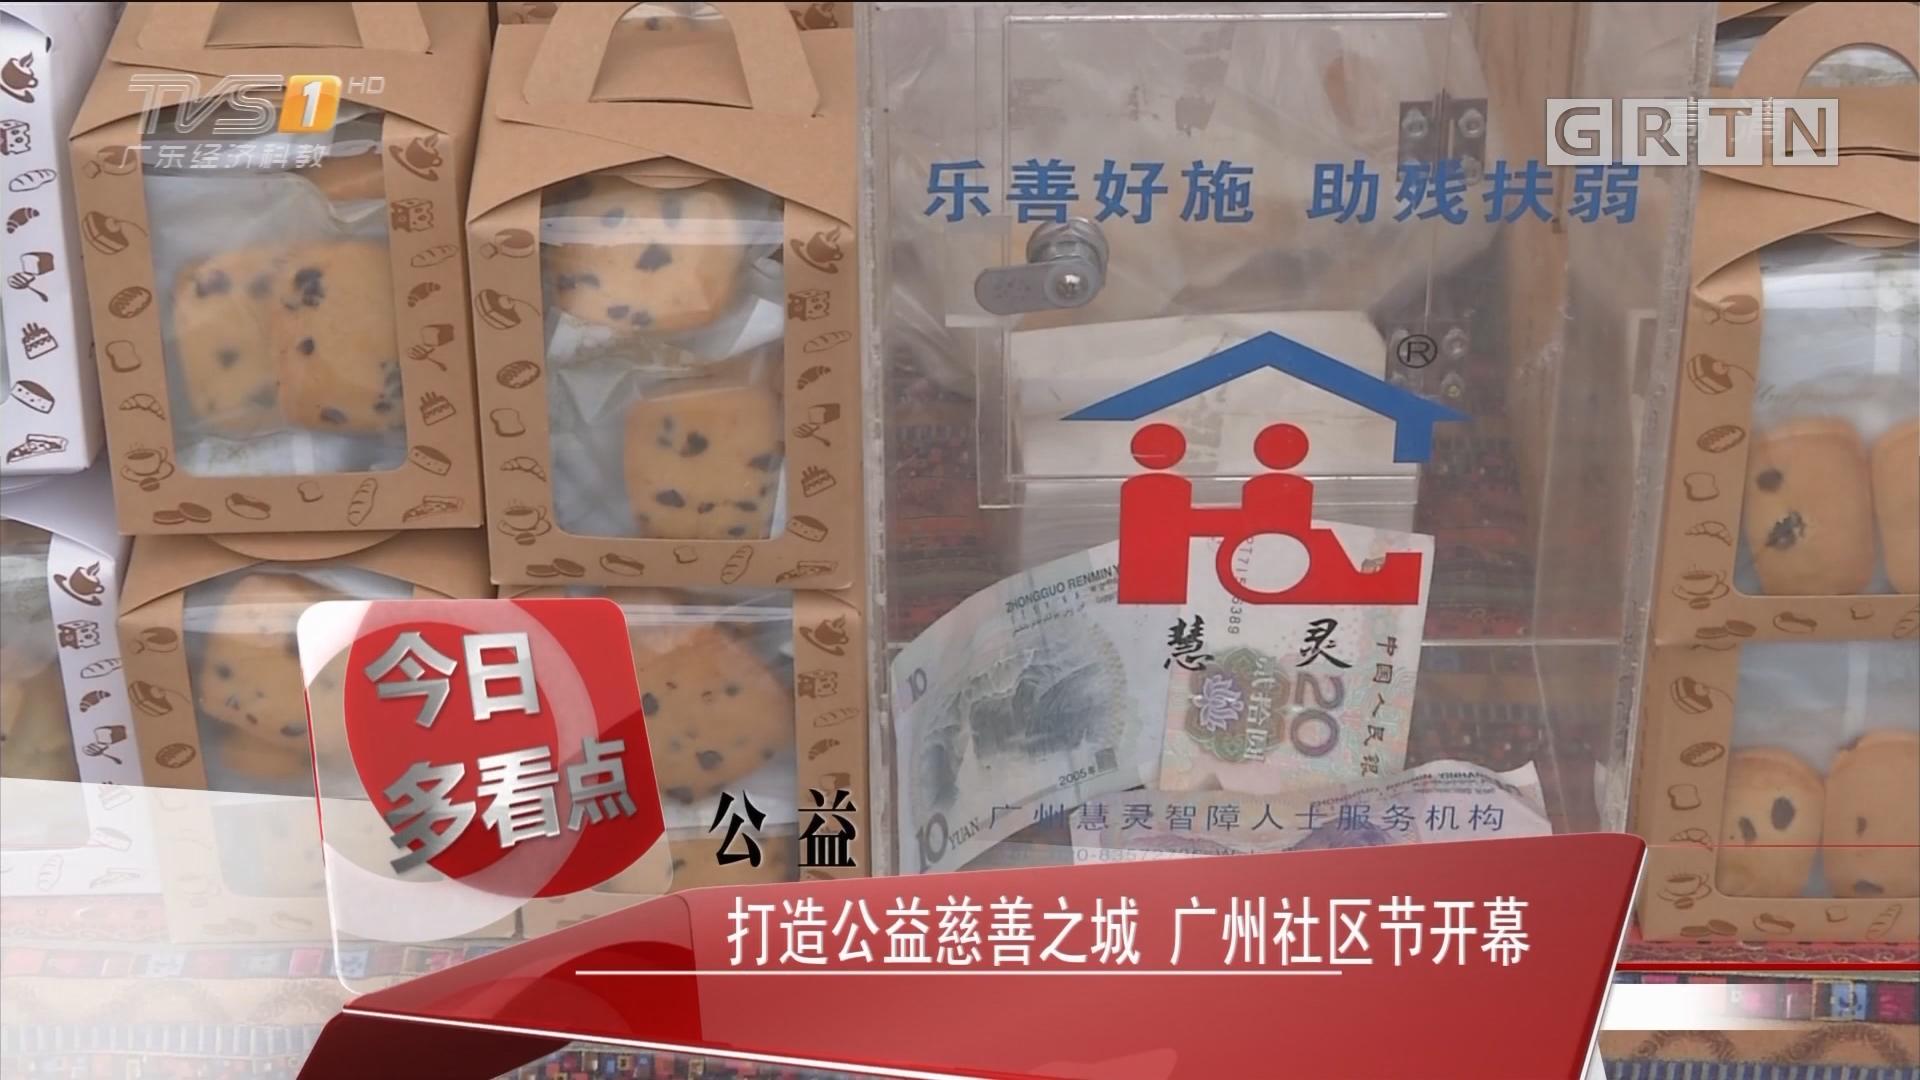 公益:打造公益慈善之城 广州社区节开幕